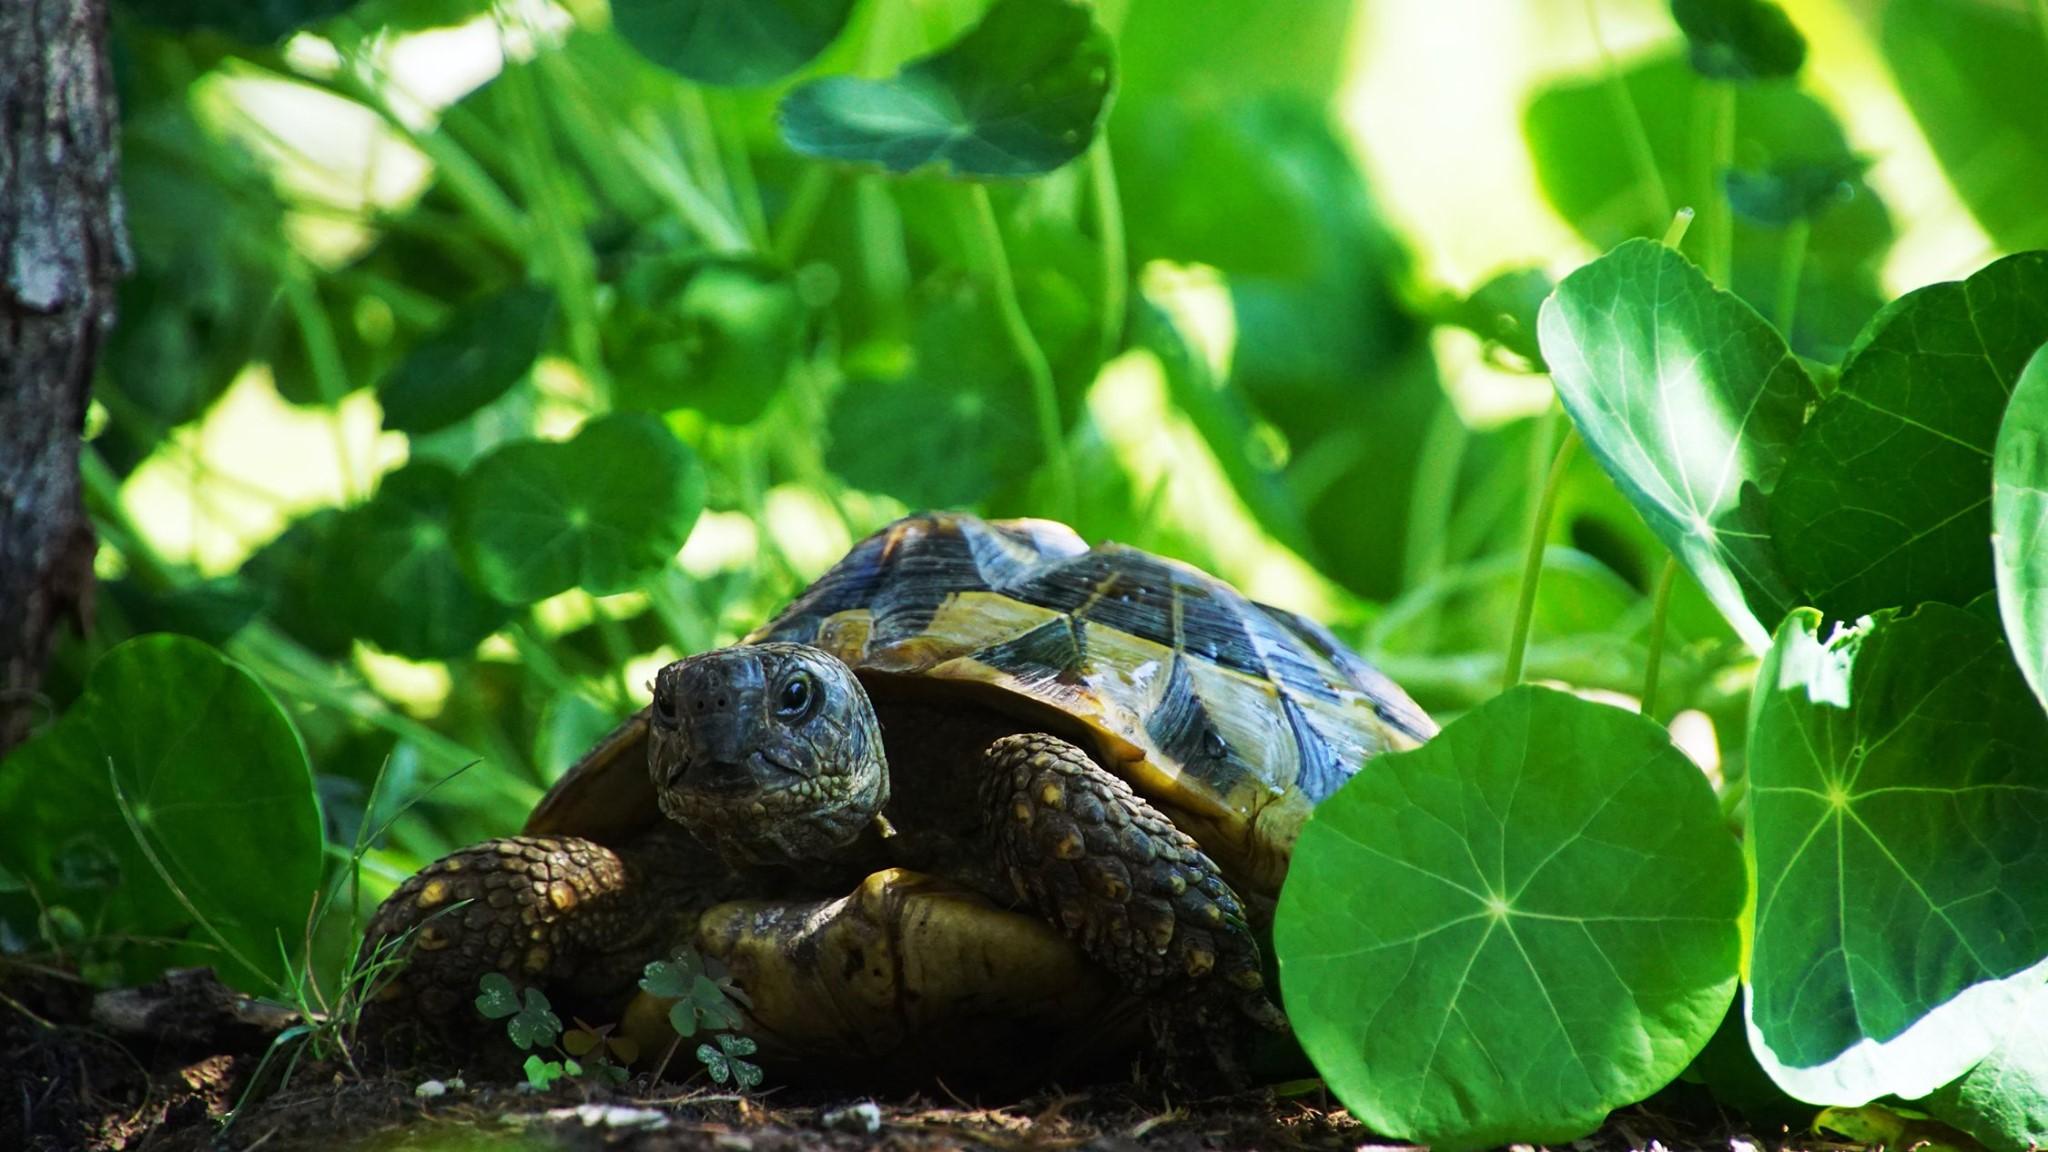 Henriette unter der Kapuzinerkresse, Griechische Landschildkröte